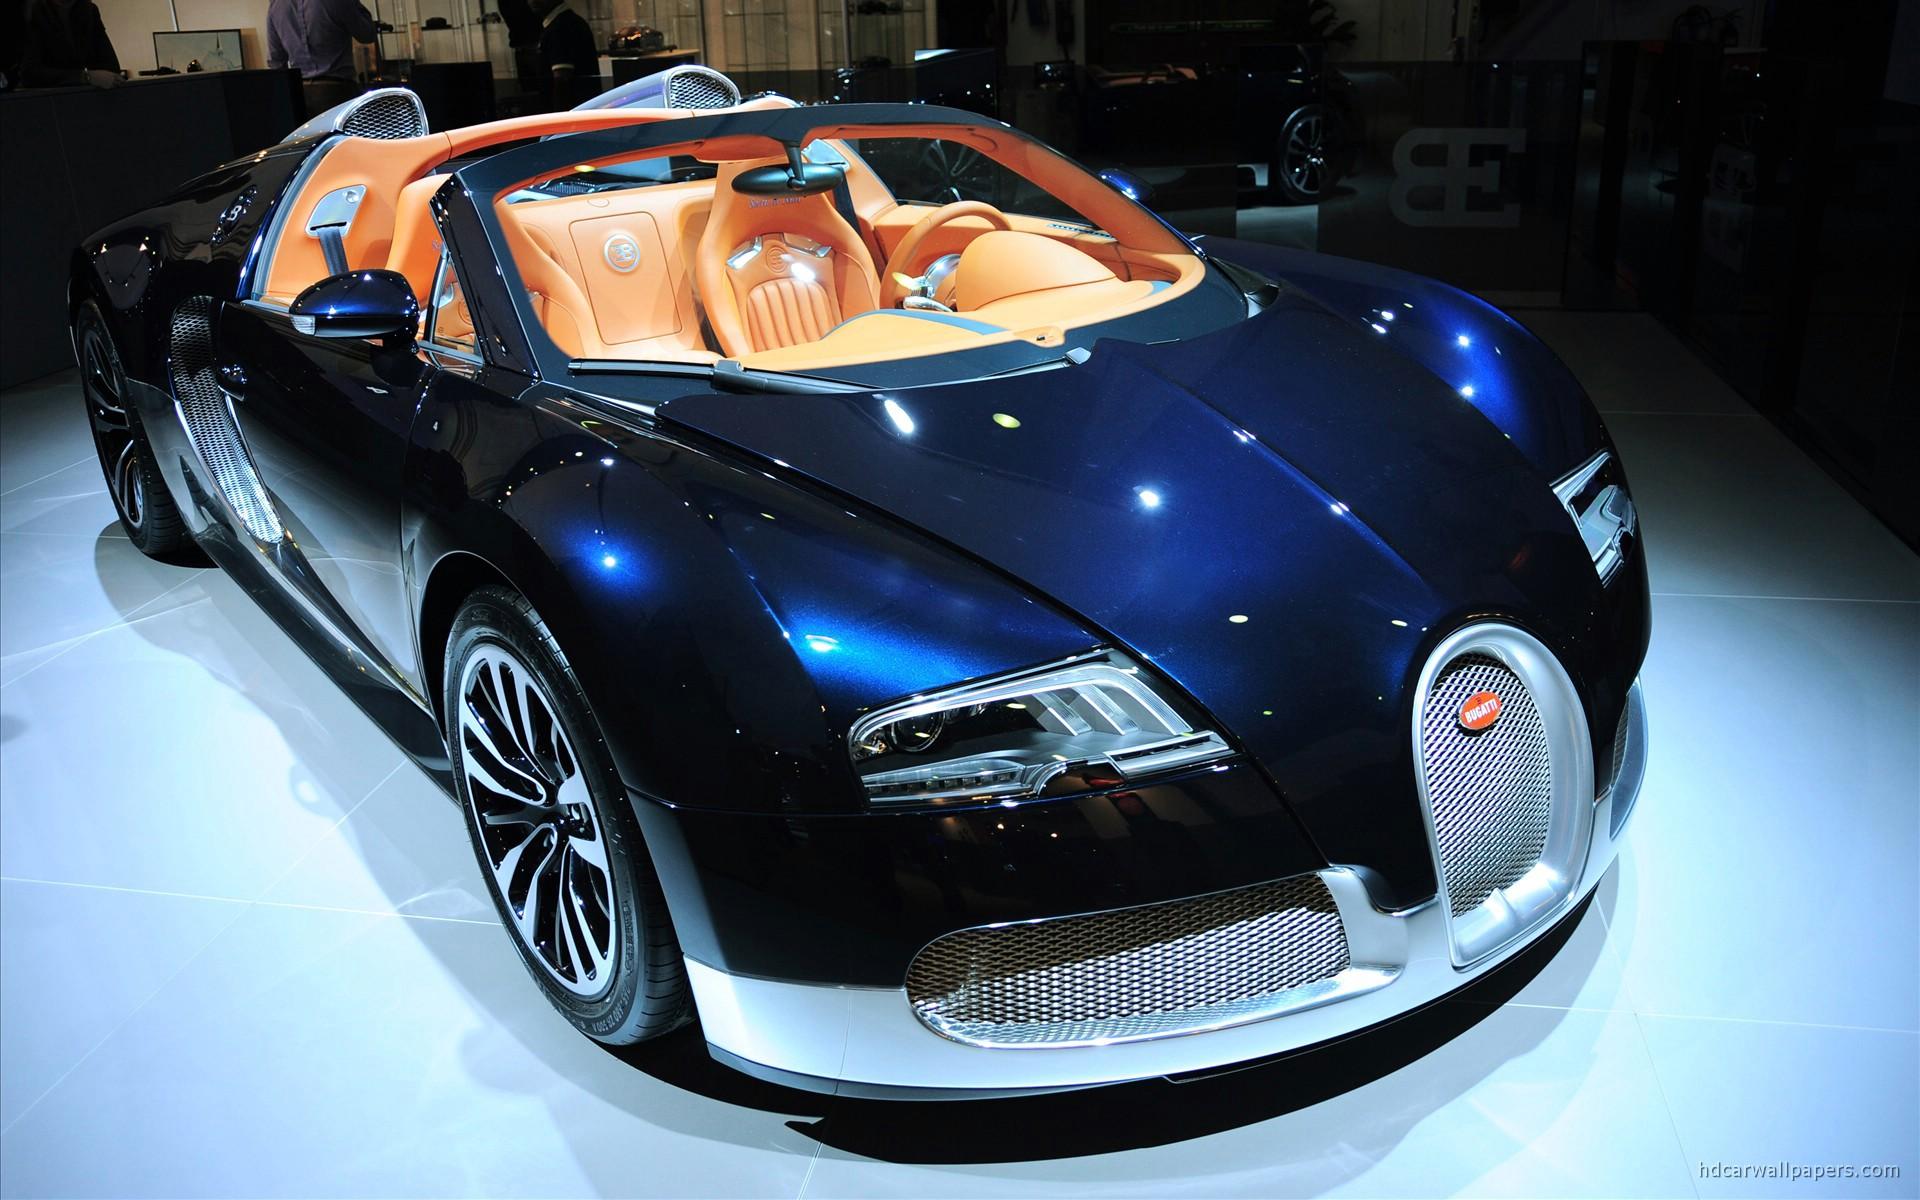 Bugatti Cars 9 High Resolution Car Wallpaper Hd Wallpaper Car